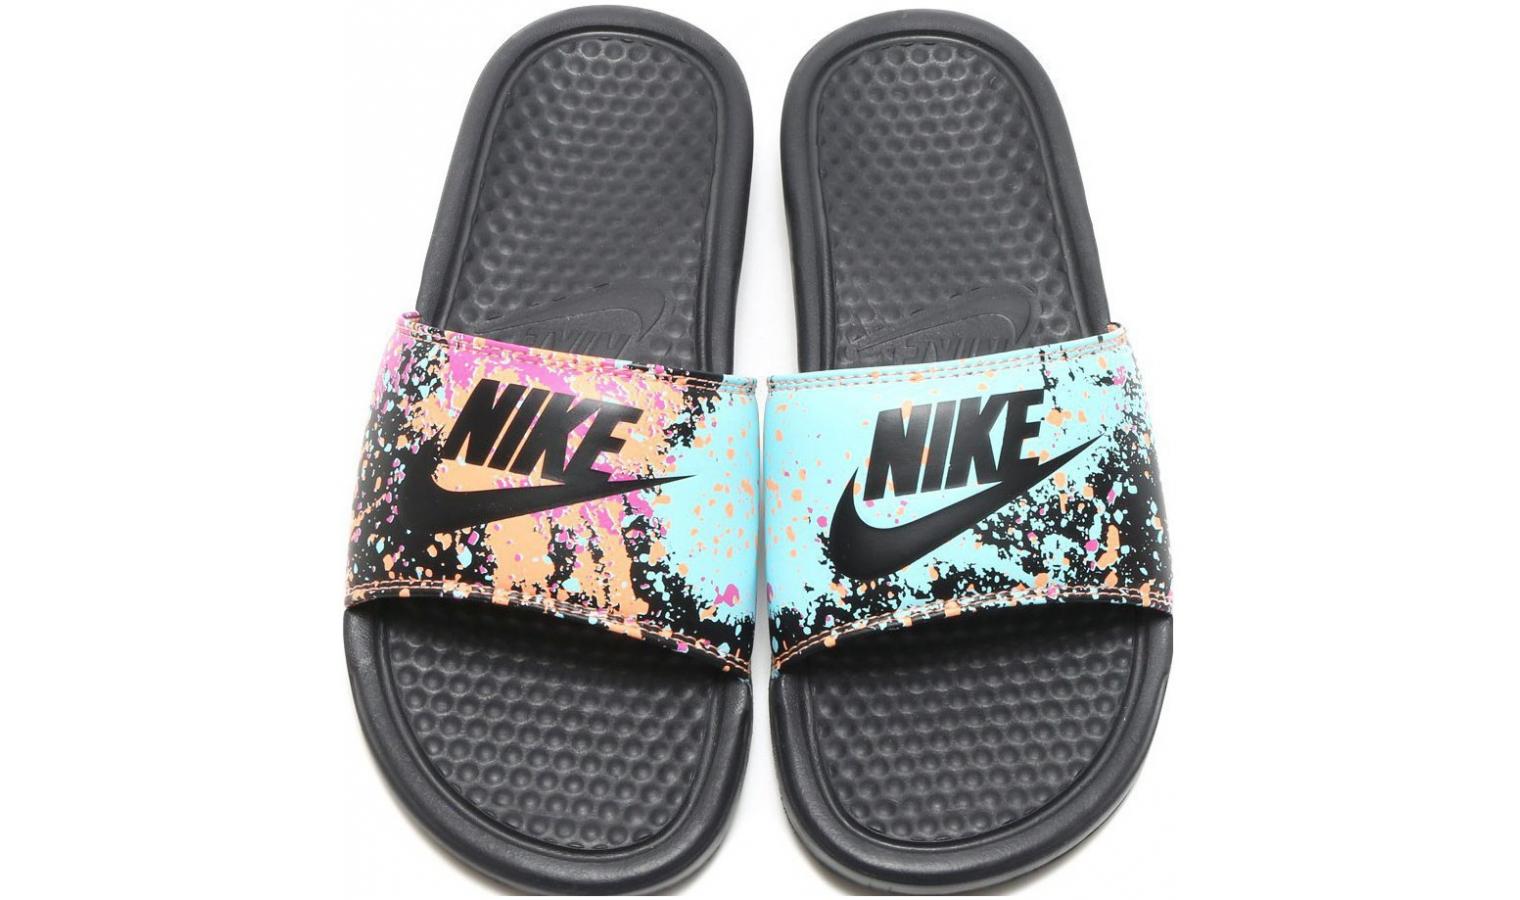 556fd5b68b Dámské nazouváky Nike BENASSI JUST DO IT W černé